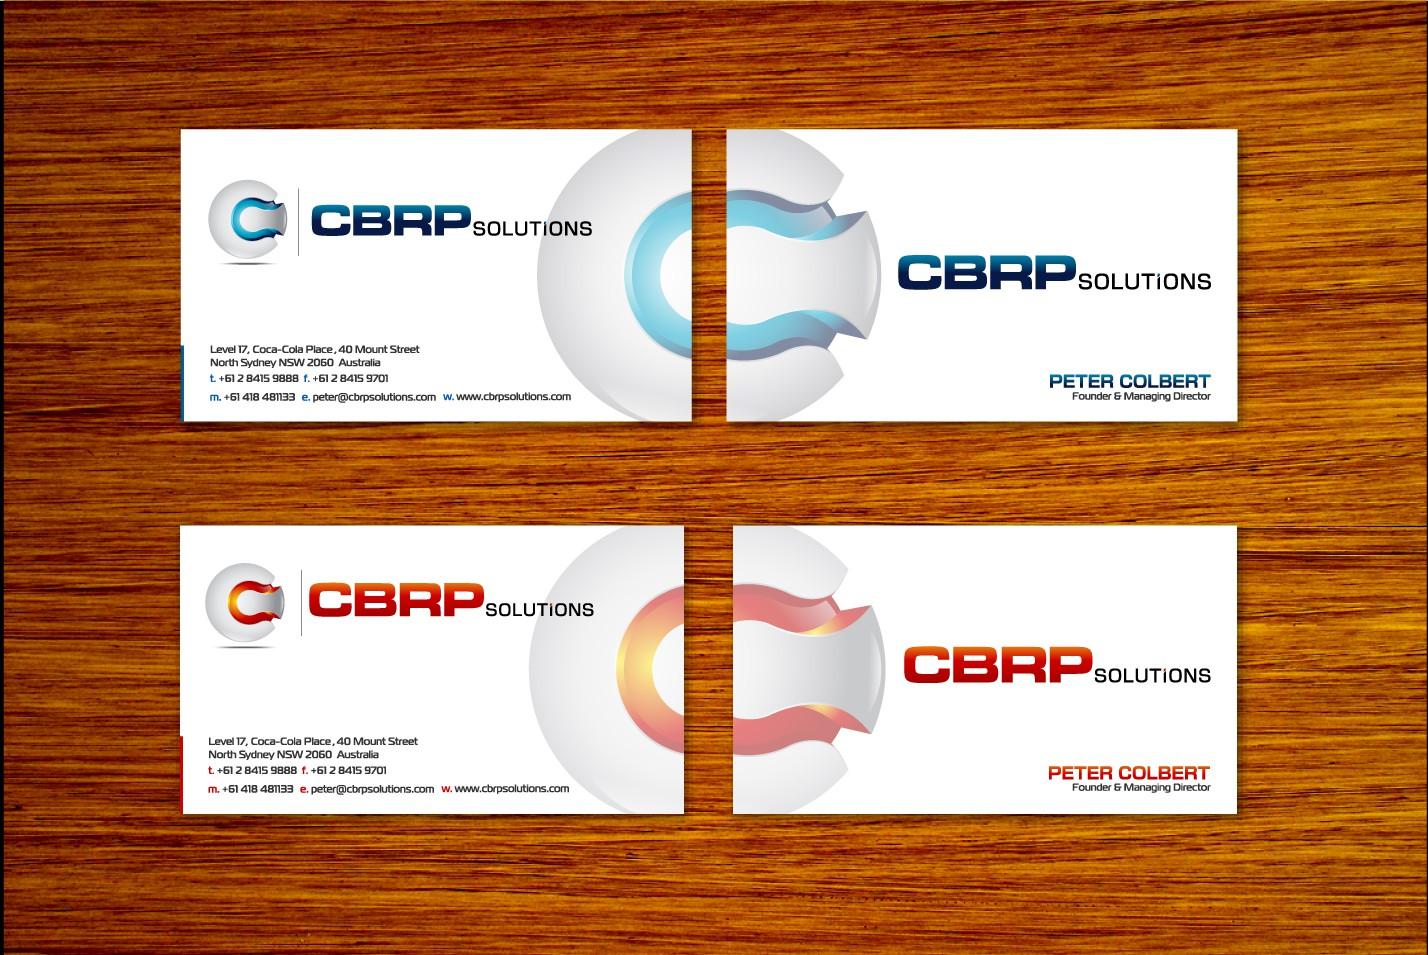 logo for CBRP Solutions